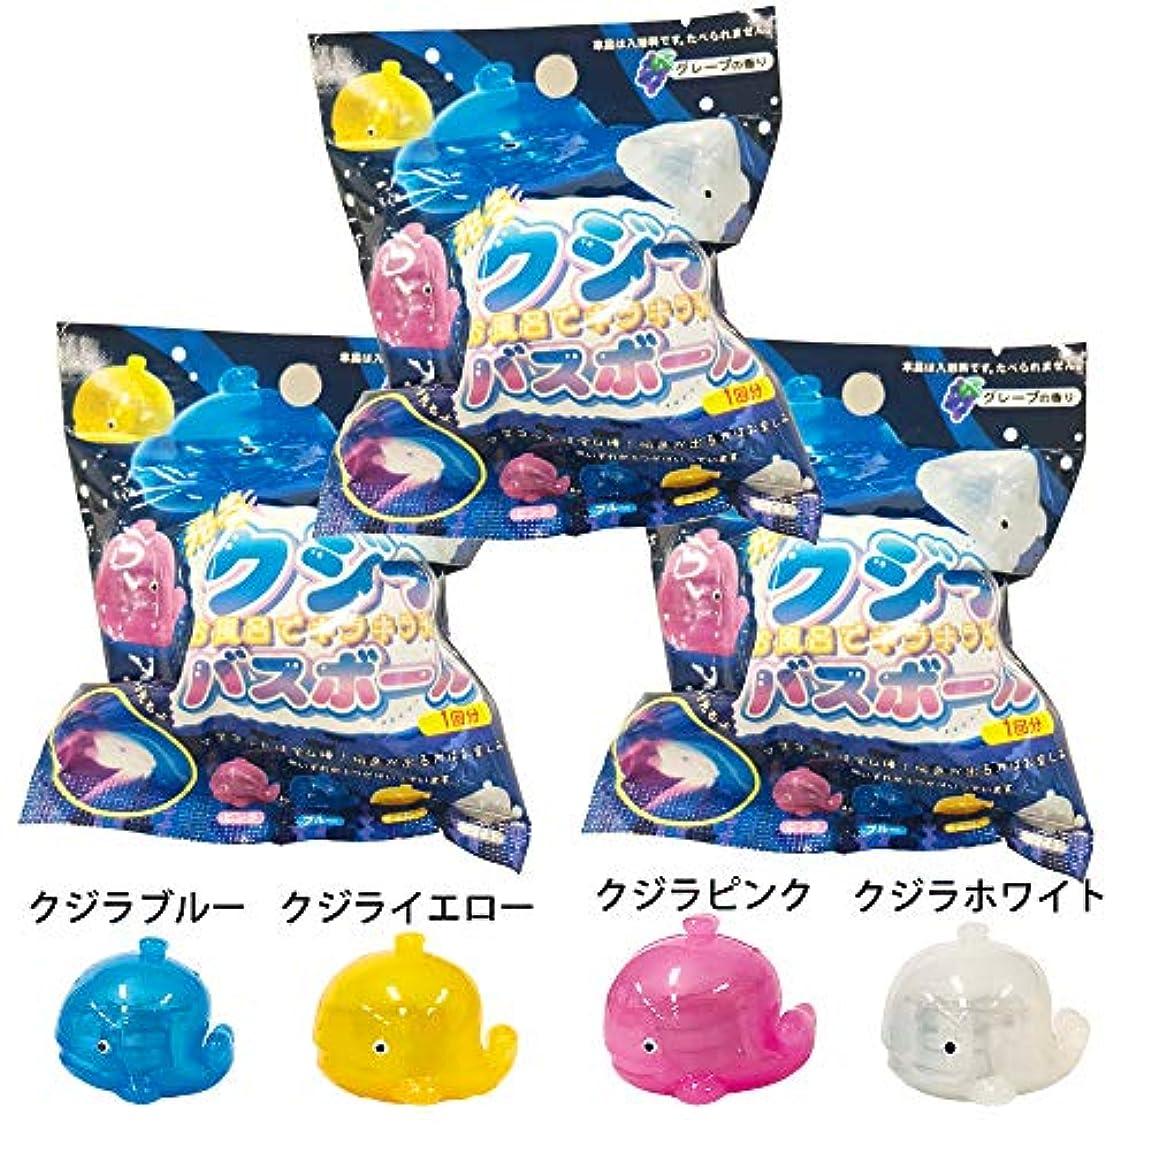 同様にレール快適【3個セット】 光る レインボー バスボール 入浴剤 クジラ グレープの香り